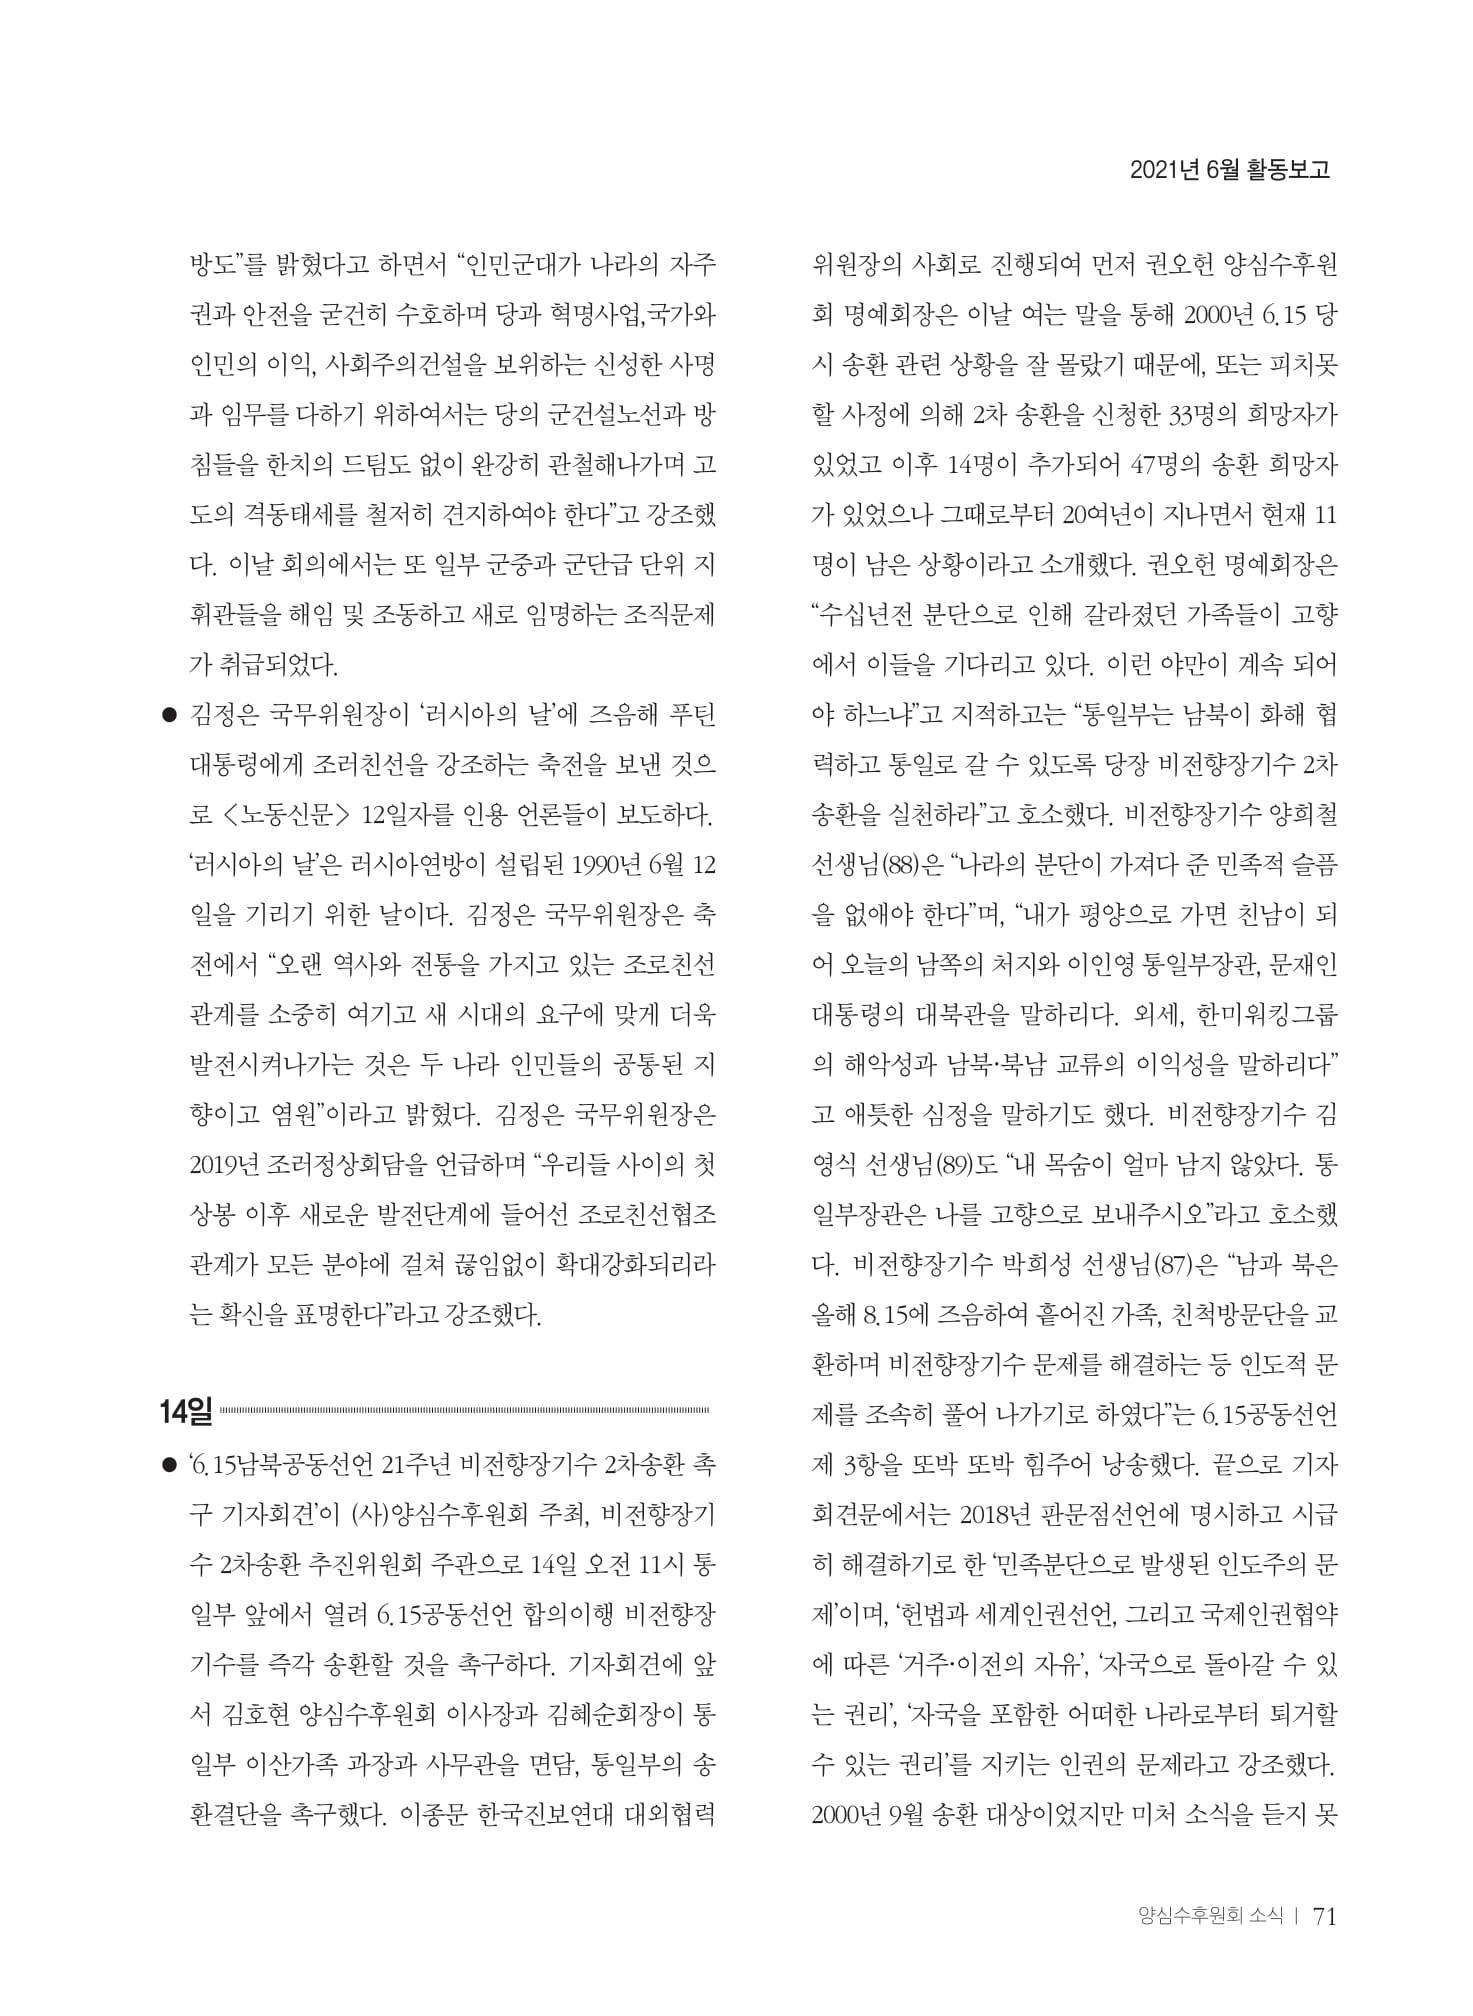 [양심수후원회] 소식지 354호 web 수정-73.jpg